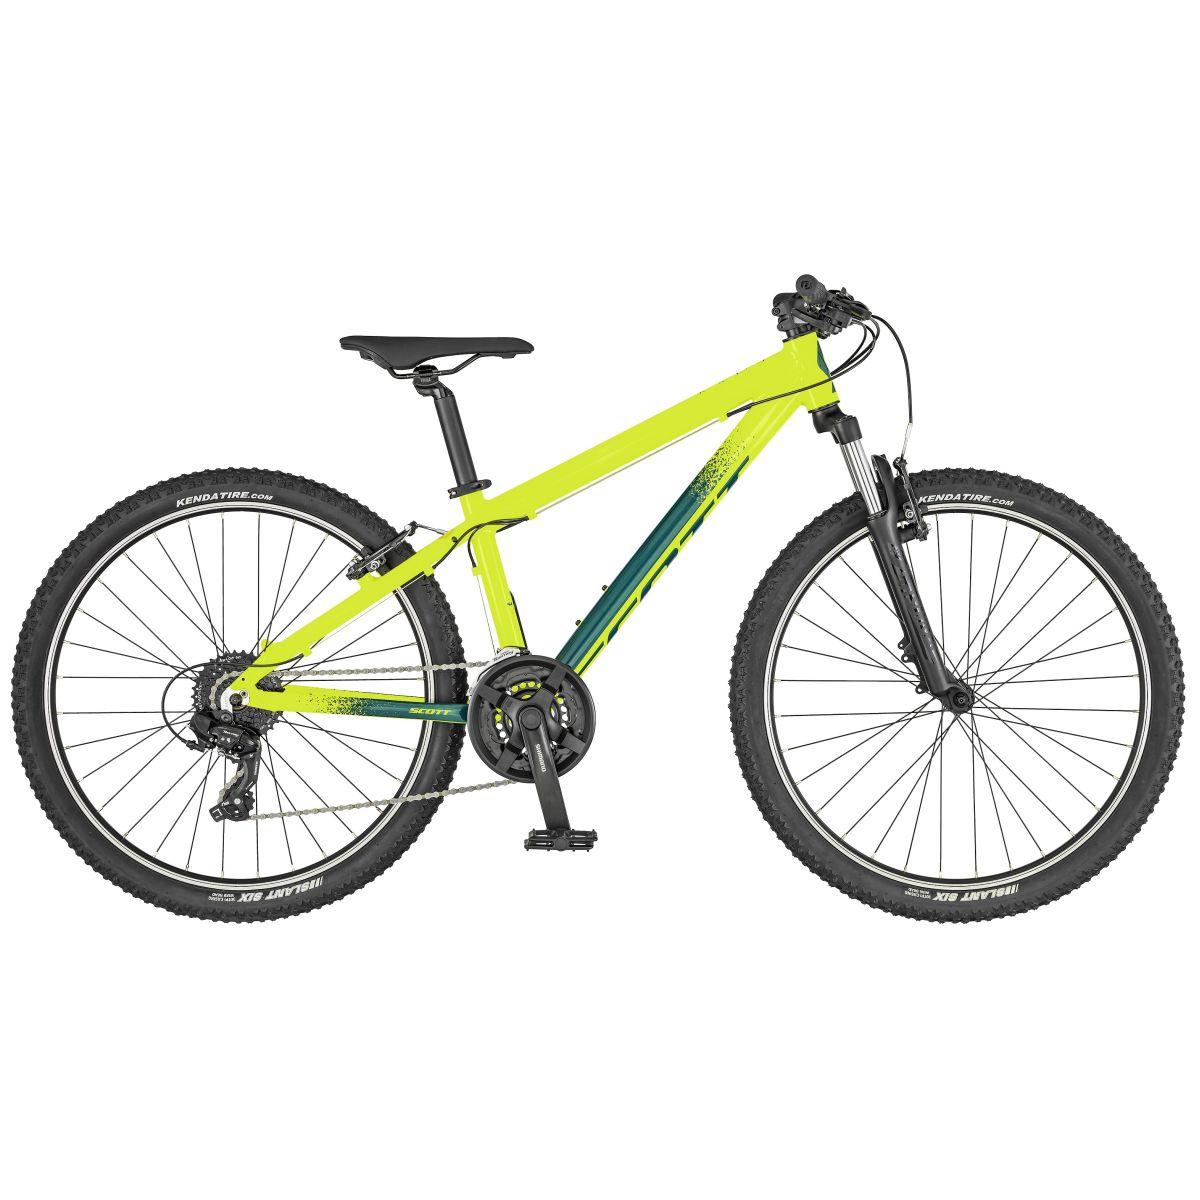 scott roxter 620 26 39 39 mtb fahrrad gelb gr n 2019 von top marken online kaufen we cycle. Black Bedroom Furniture Sets. Home Design Ideas